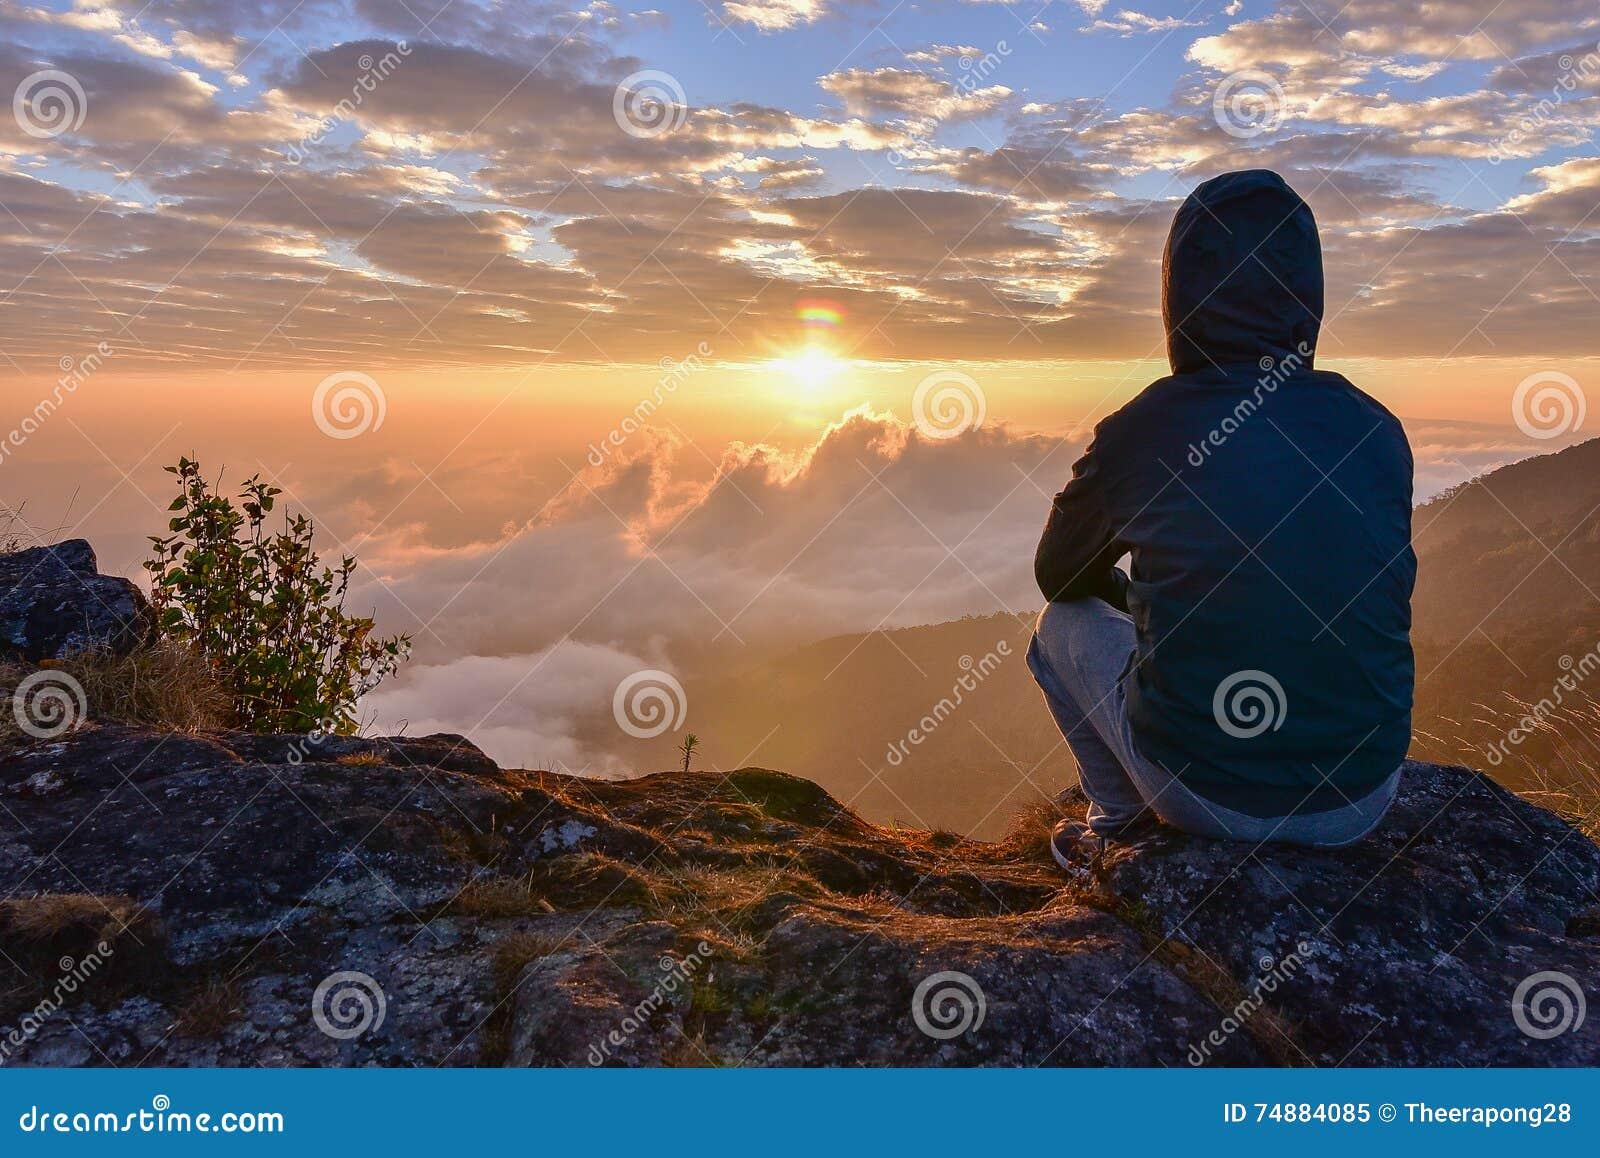 Equipe o assento em uma montanha para opiniões de observação do nascer do sol